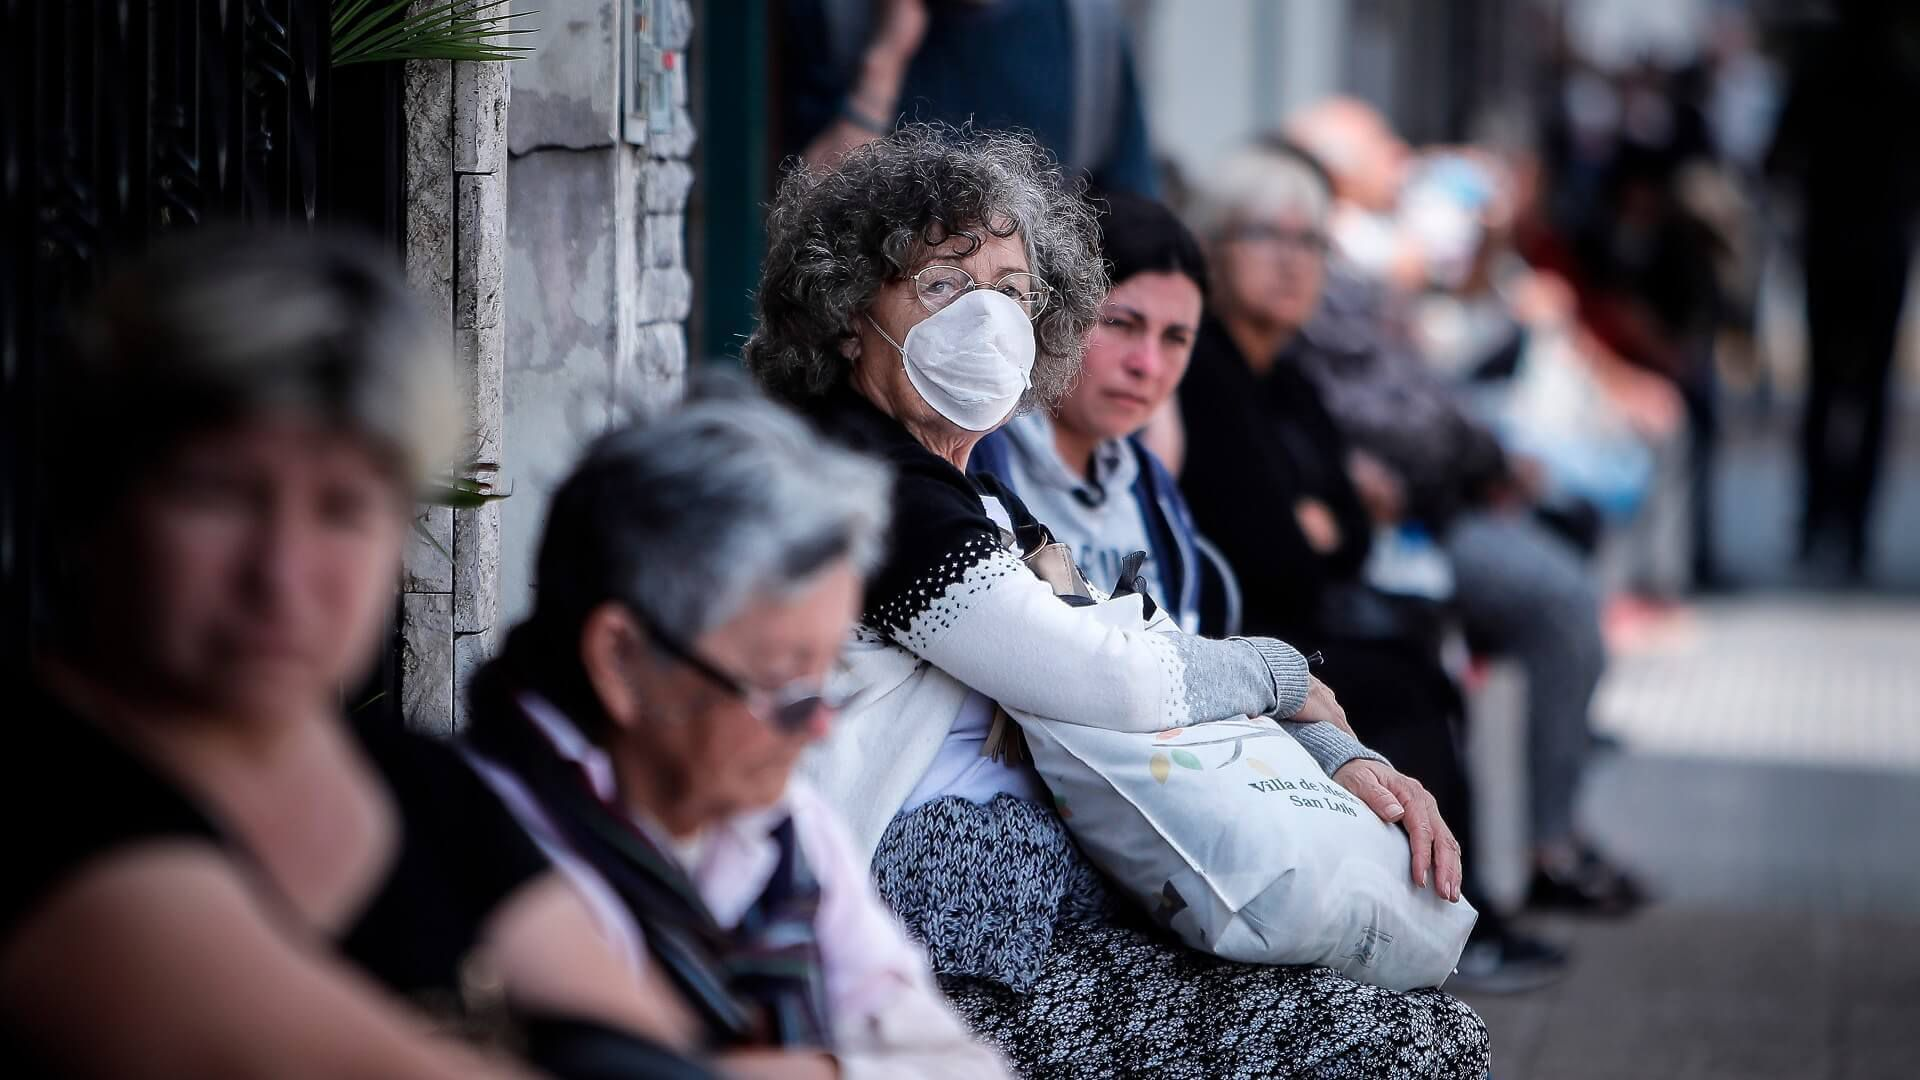 Banco paga la jubilación a domicilio en Argentina ante la pandemia del COVID-19 (1) (1) (1).jpg